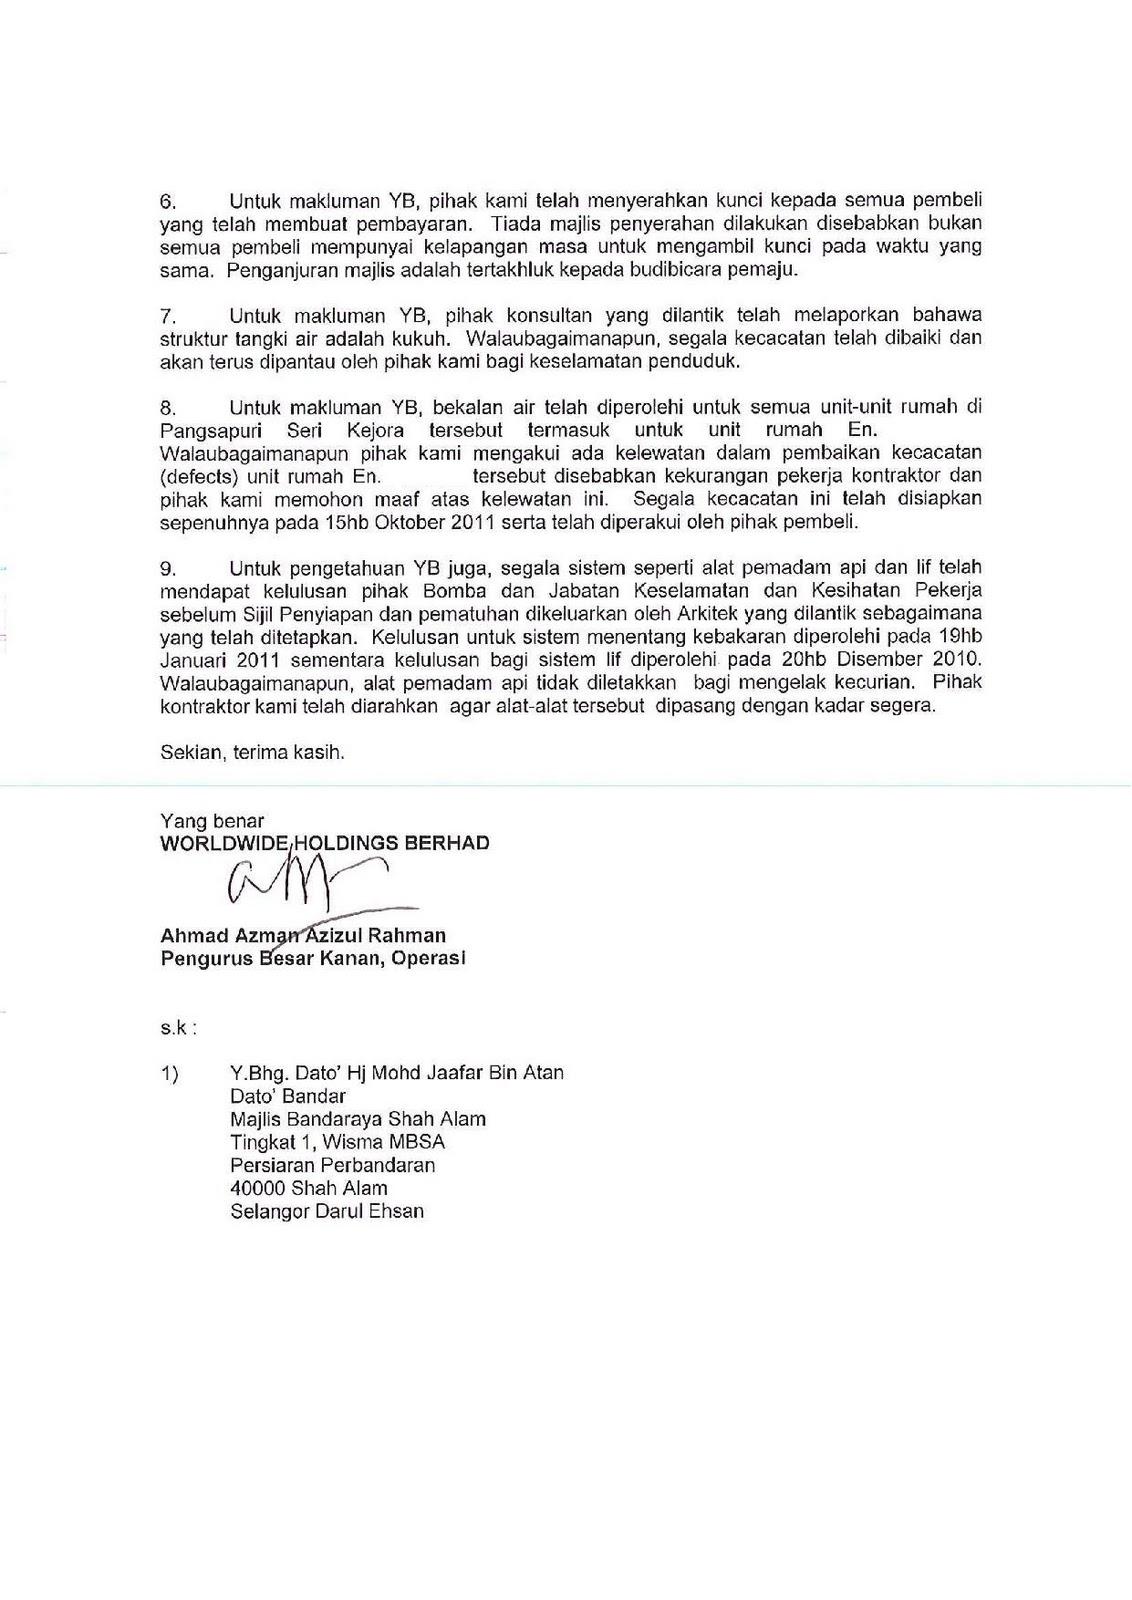 contoh surat aduan kepada yb